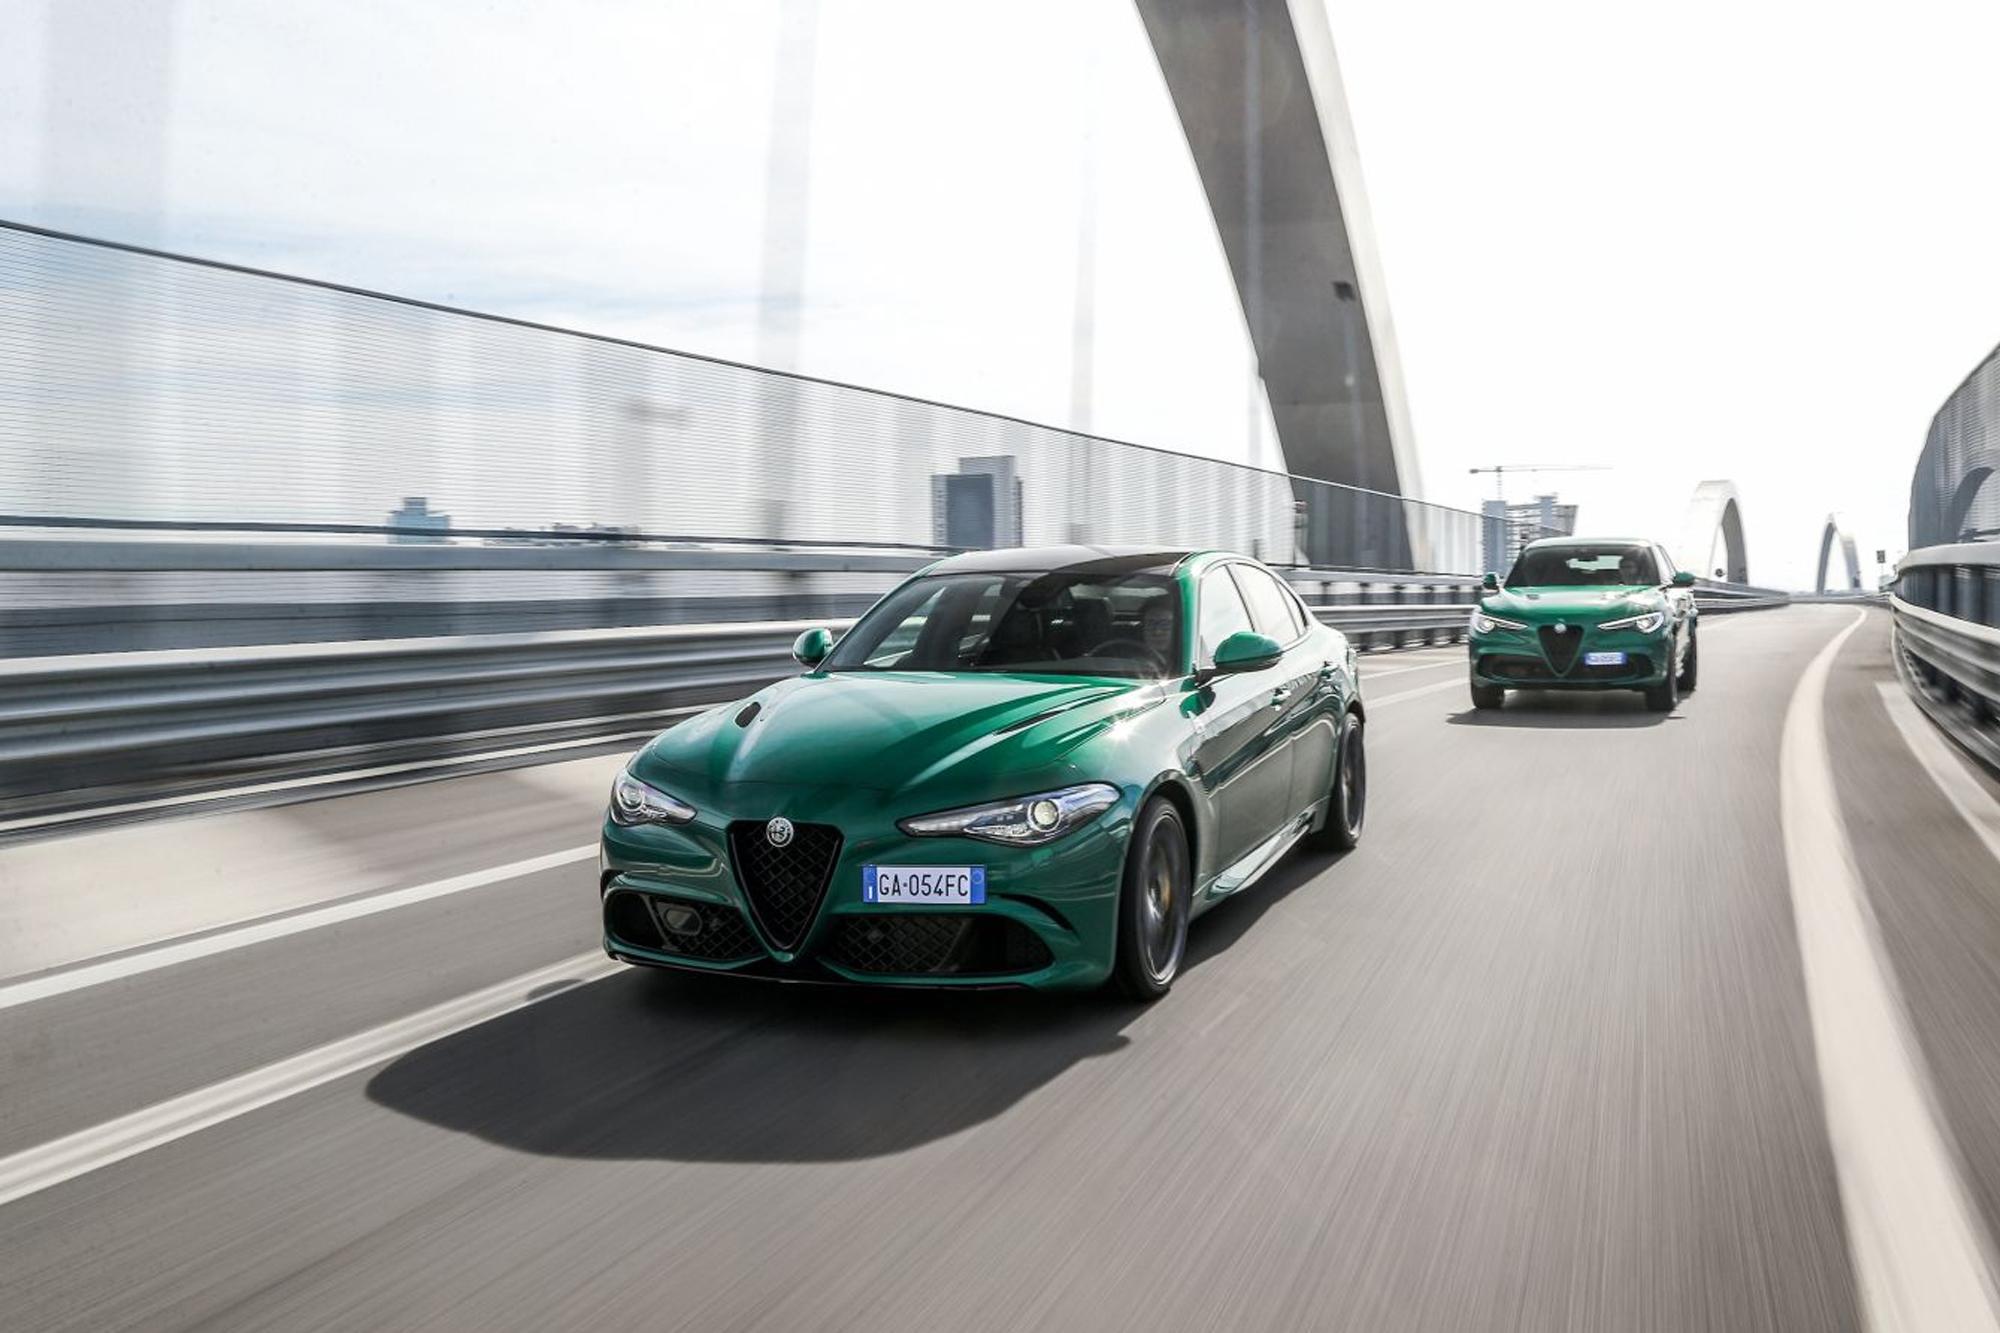 Δημοφιλέστερες από ποτέ οι Alfa Romeo Giulia και Stelvio στην Ελληνική αγορά